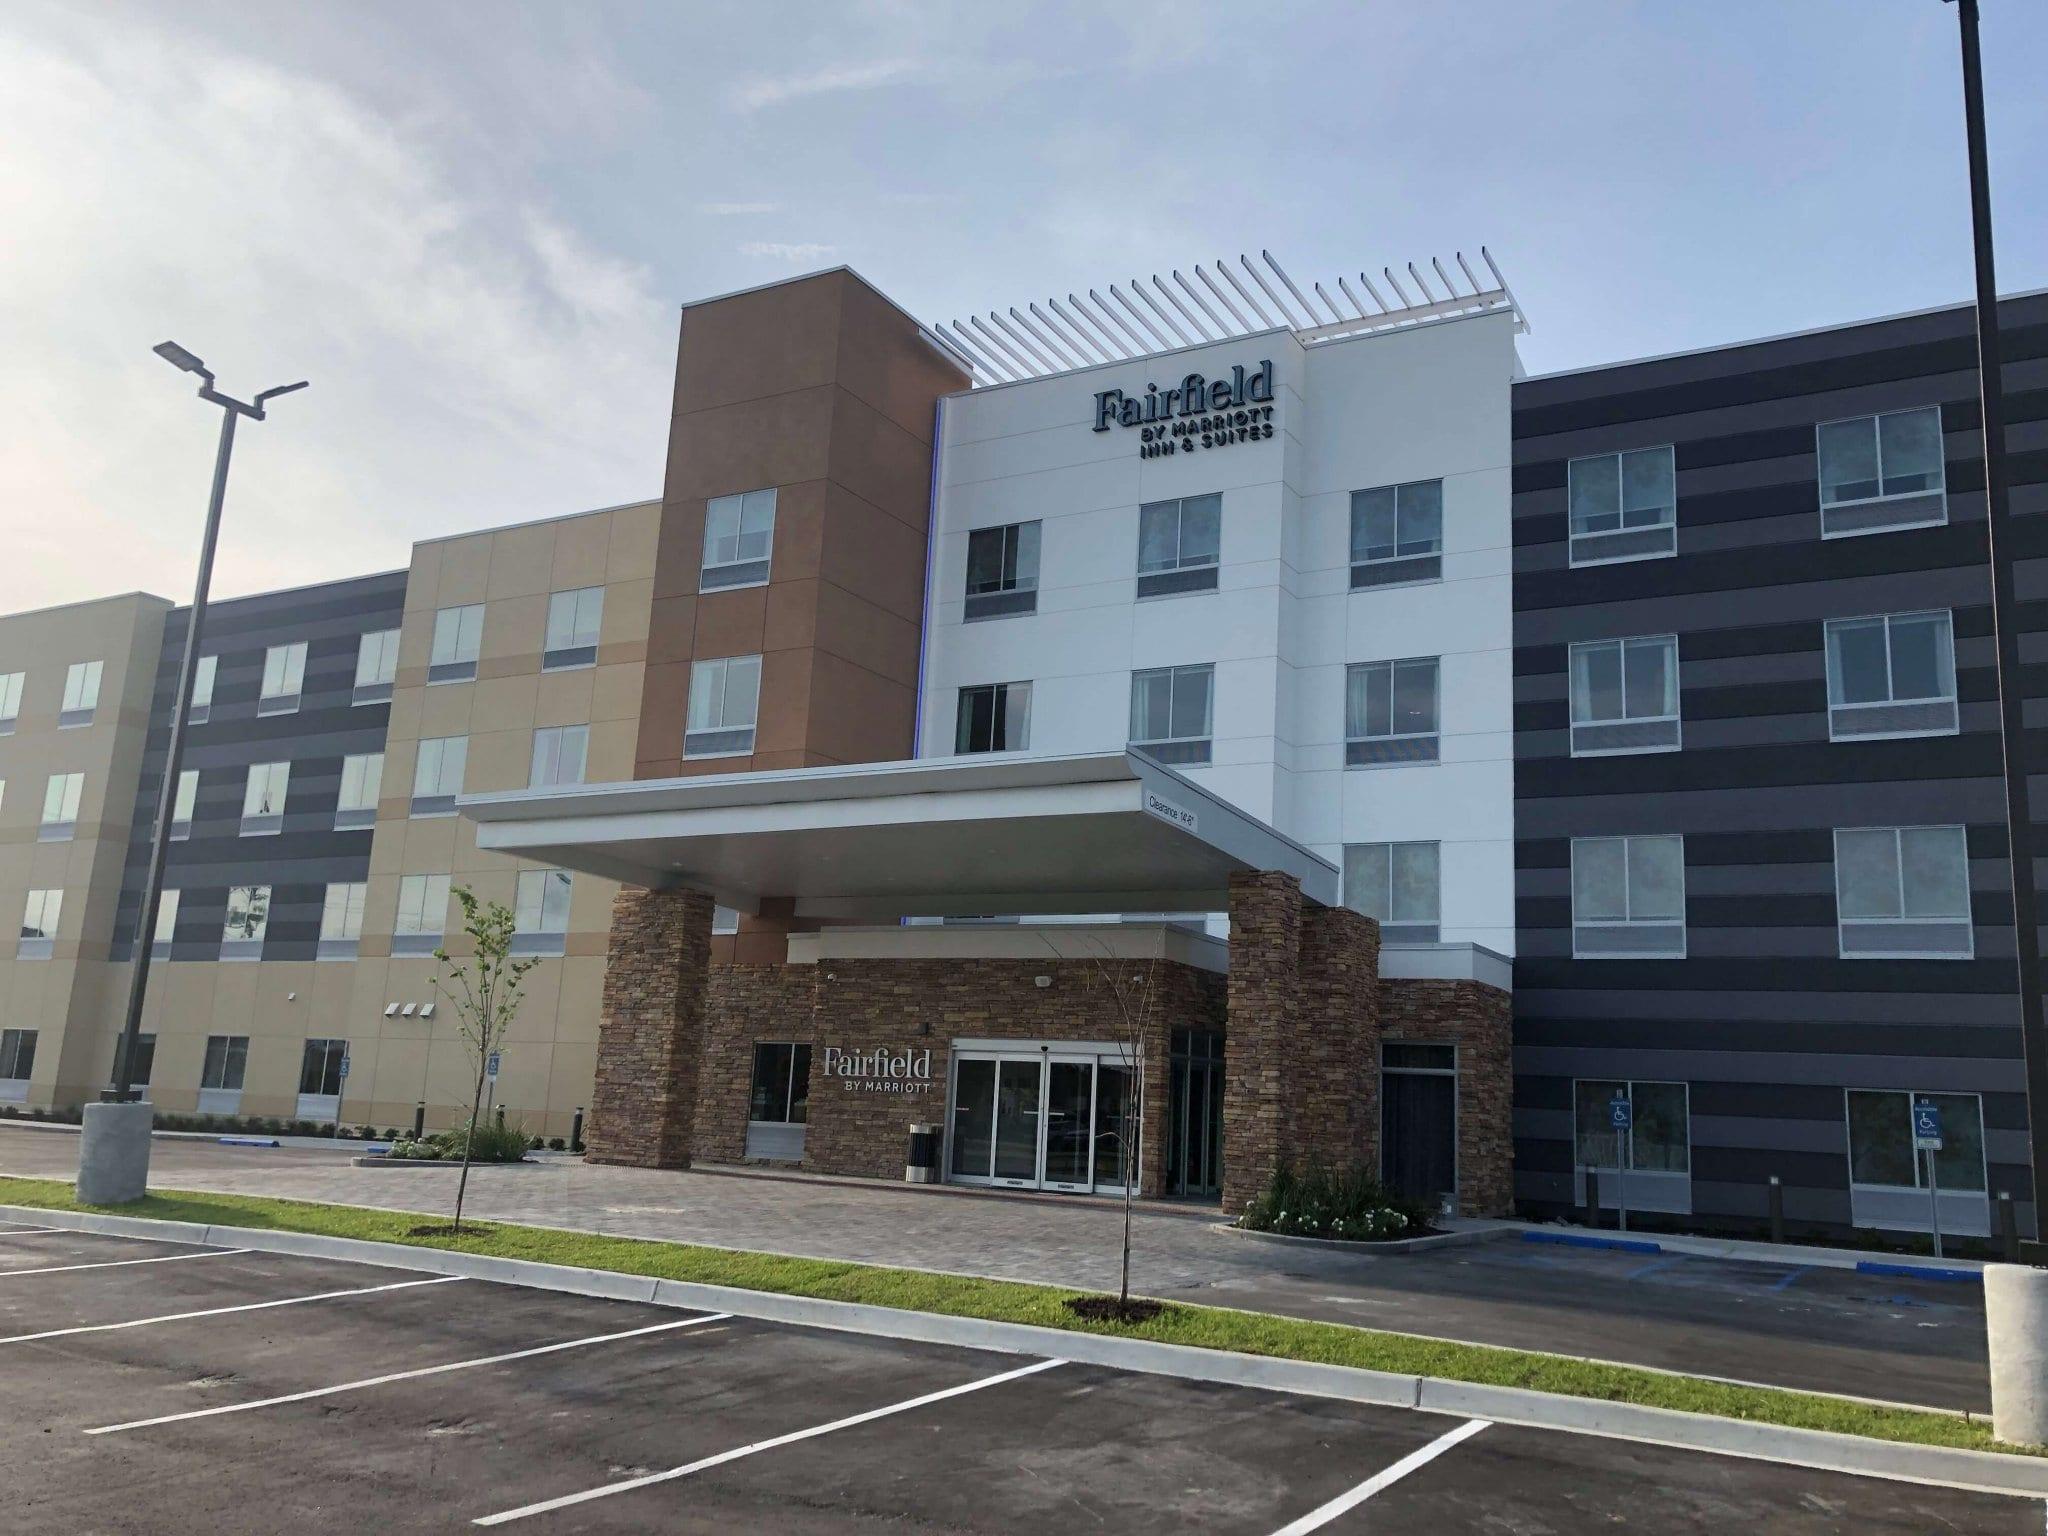 Fairfield Inn & Suites New Orleans Metairie